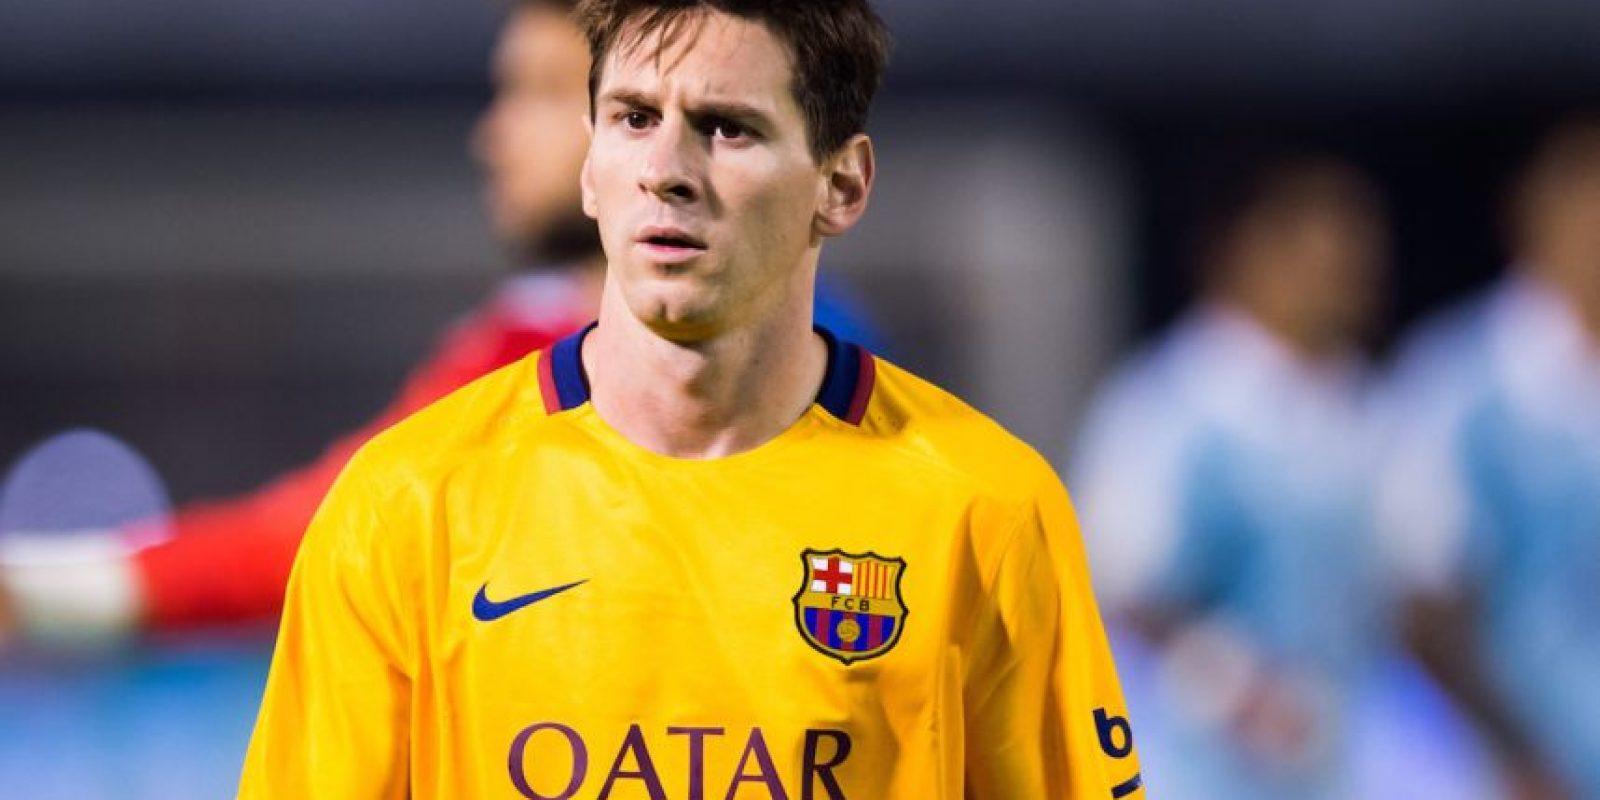 ¿Quieren comprar al considerado mejor futbolista del mundo? Deberán pagar 250 millones de euros. Foto:Getty Images